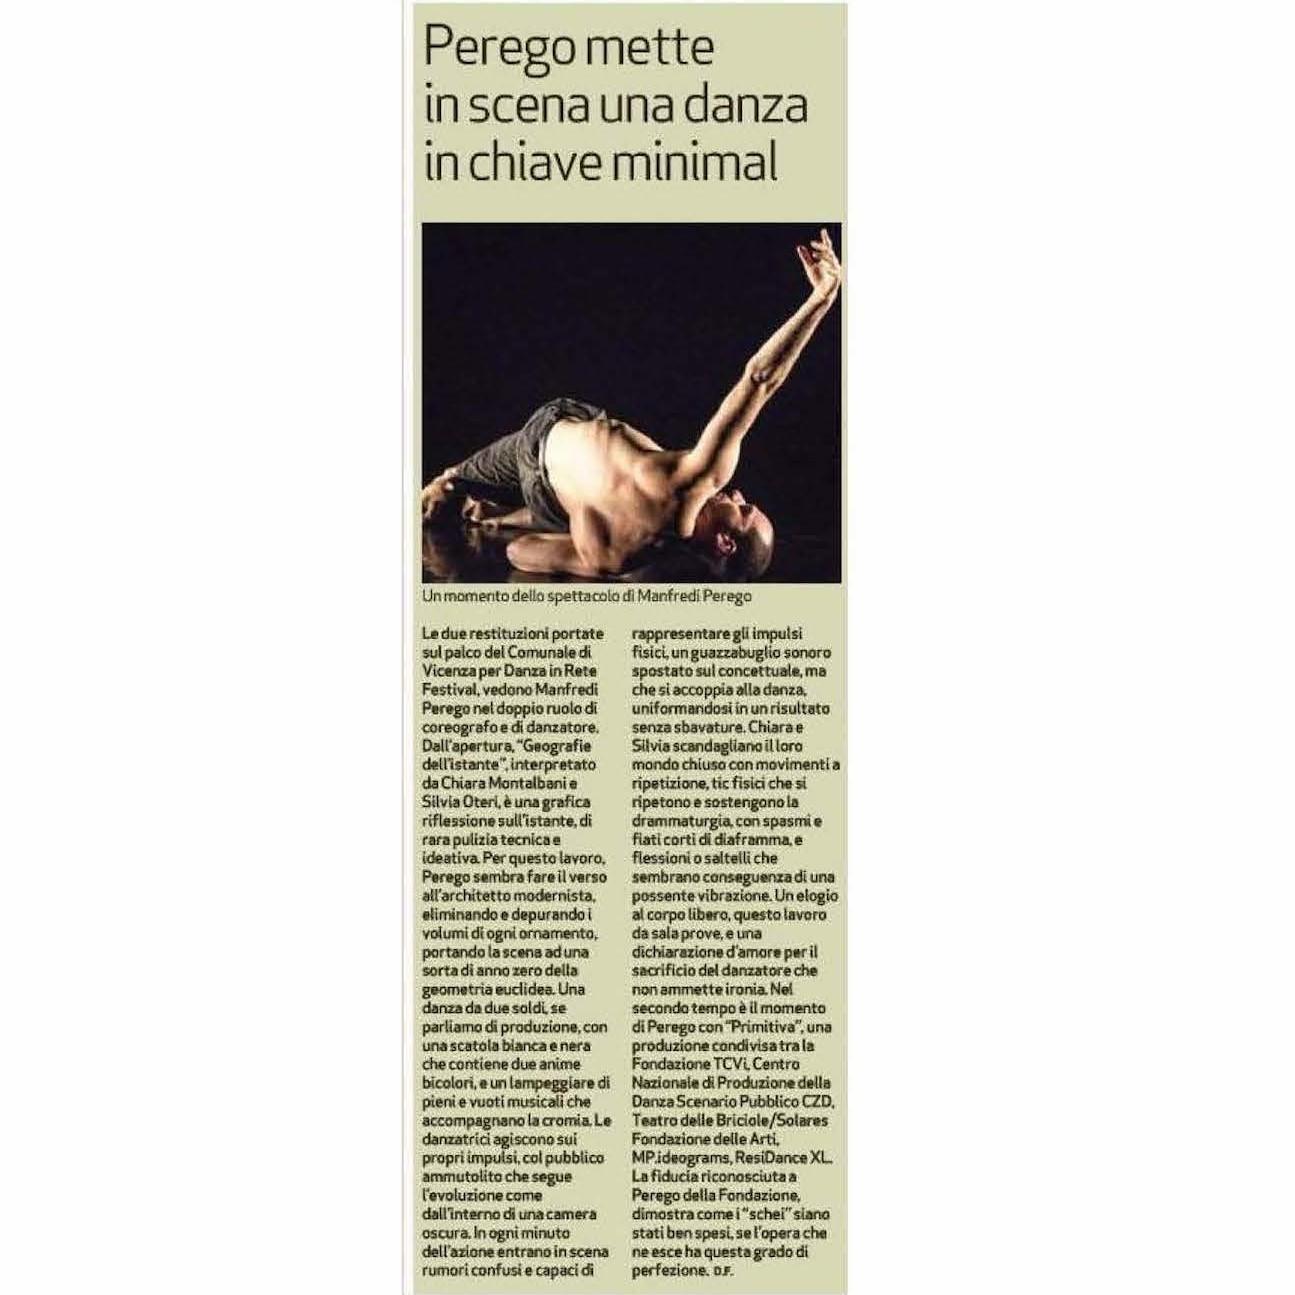 Recensione Primitiva / Geografie dell'istante / Manfredi Perego / Il Giornale di Vicenza, 25 aprile 2018